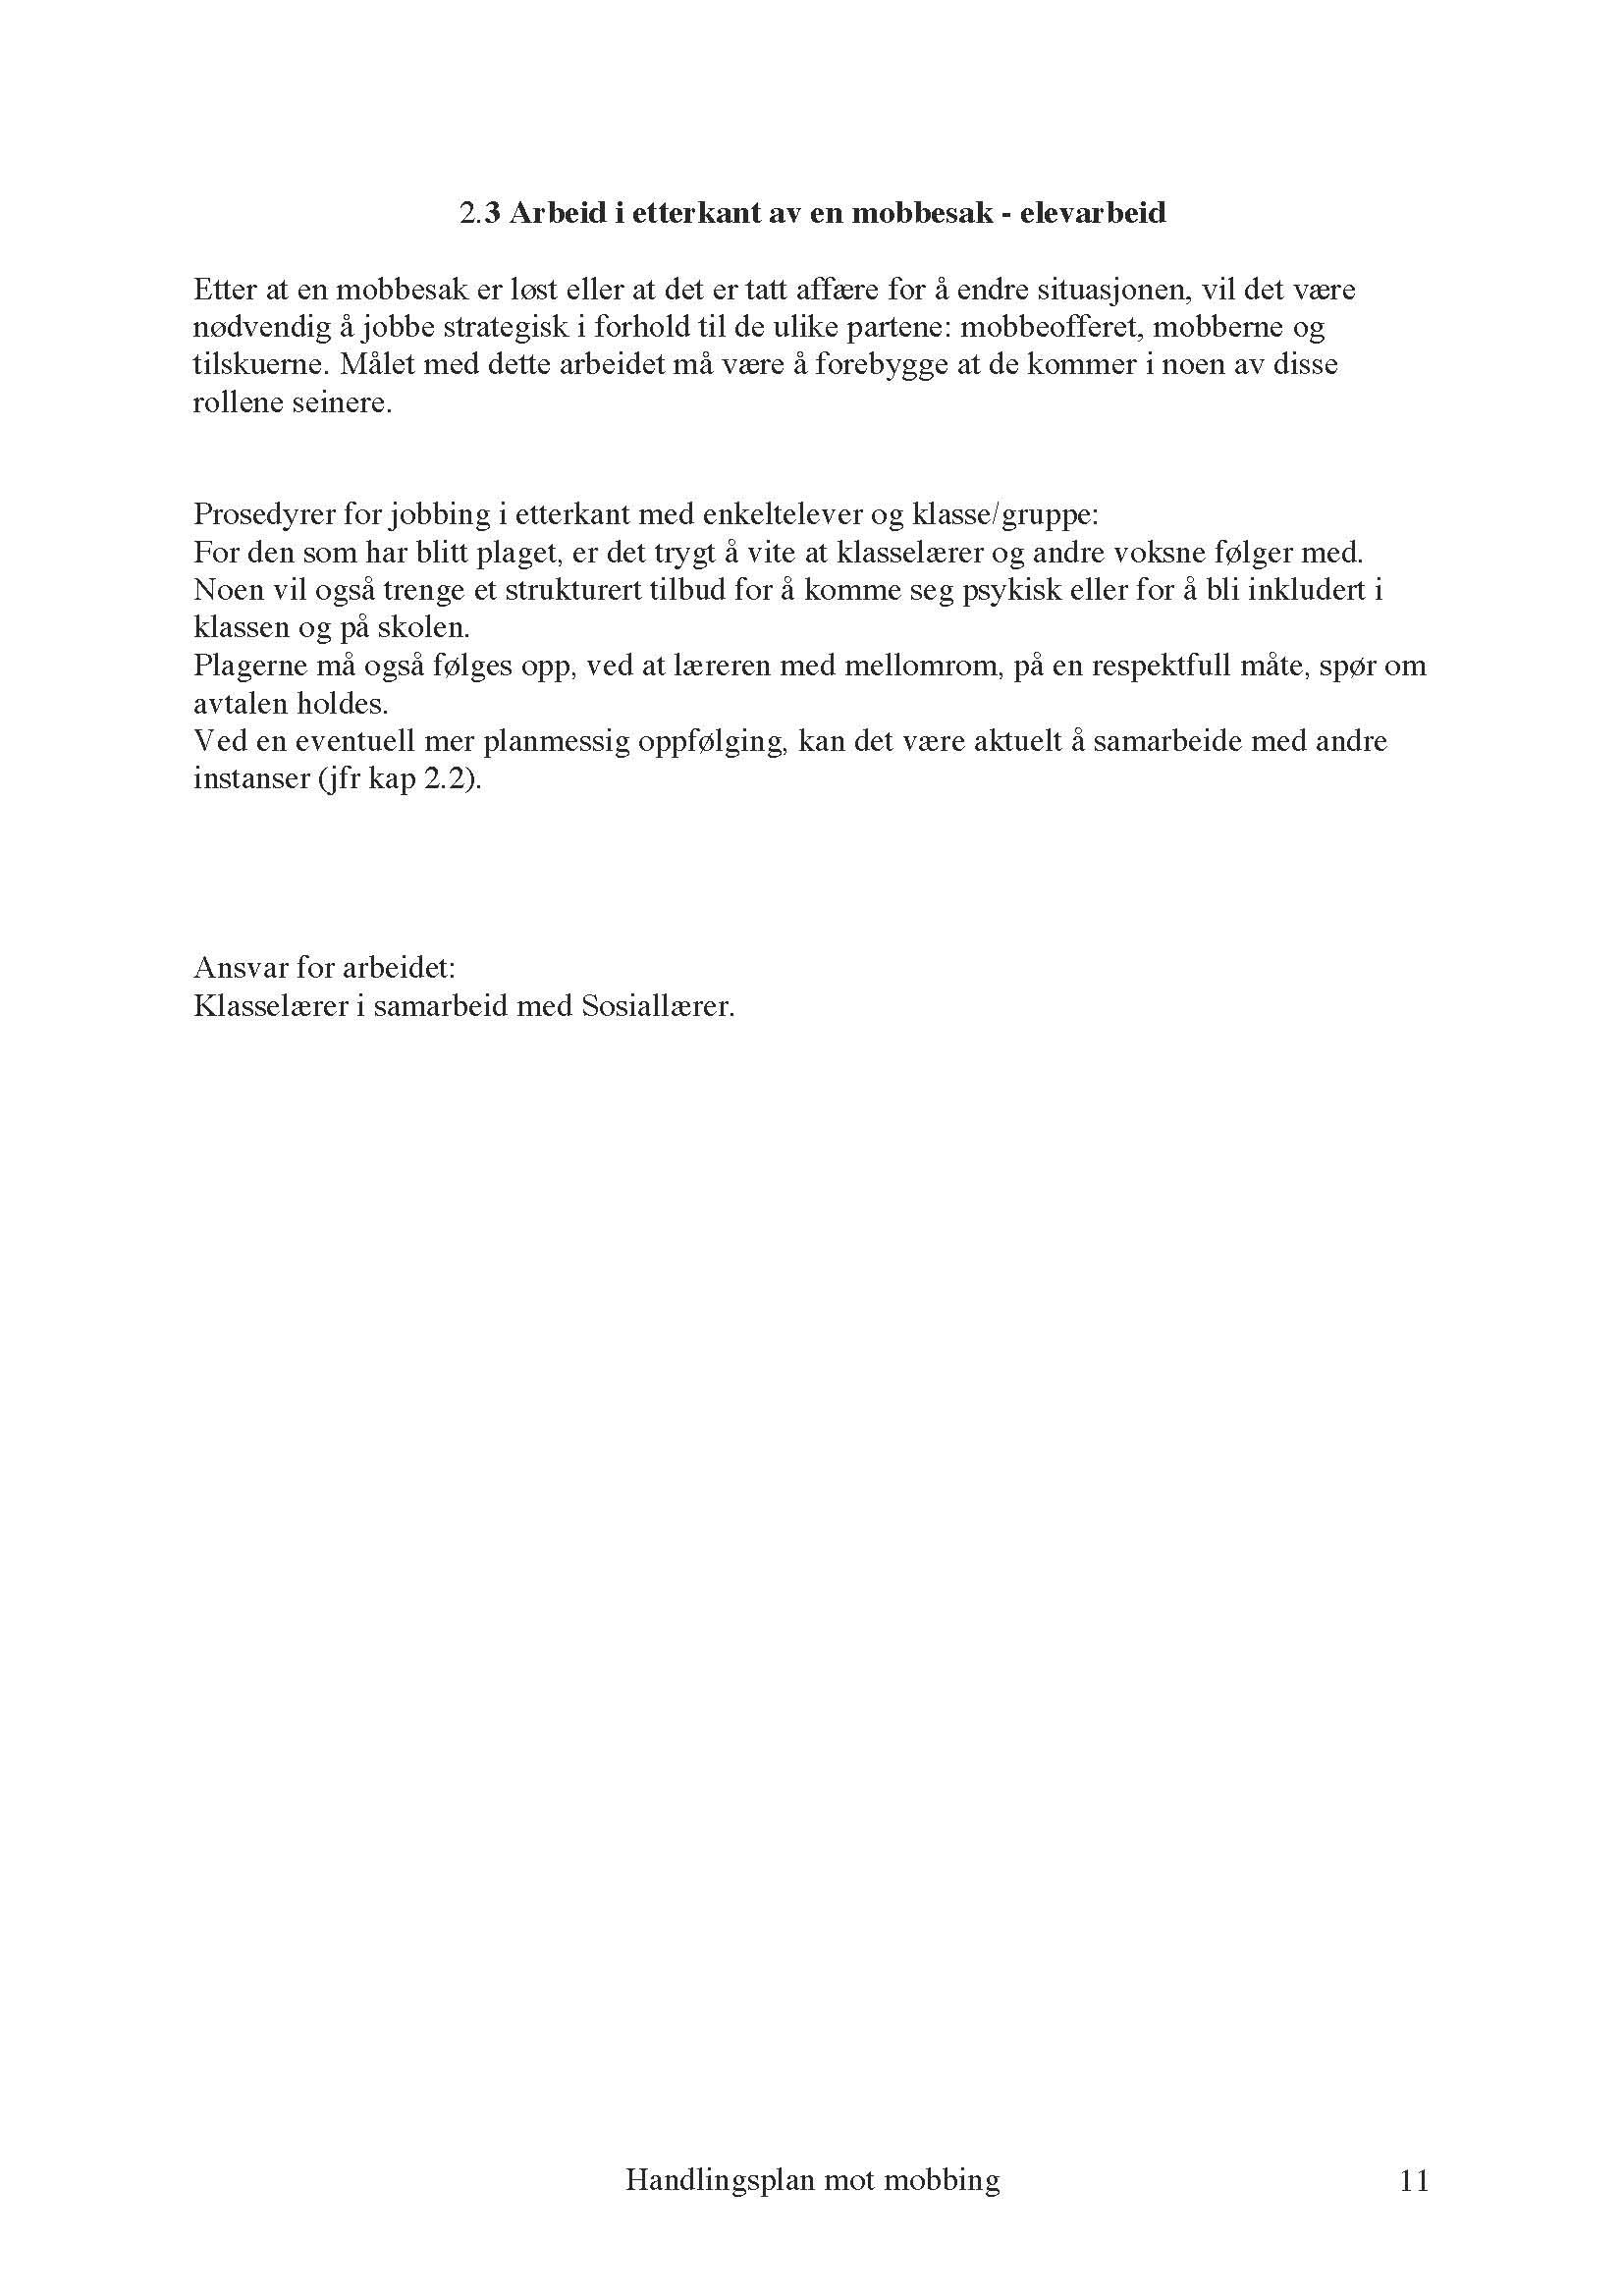 Handlingsplan mot mobbing _Page_11.jpg